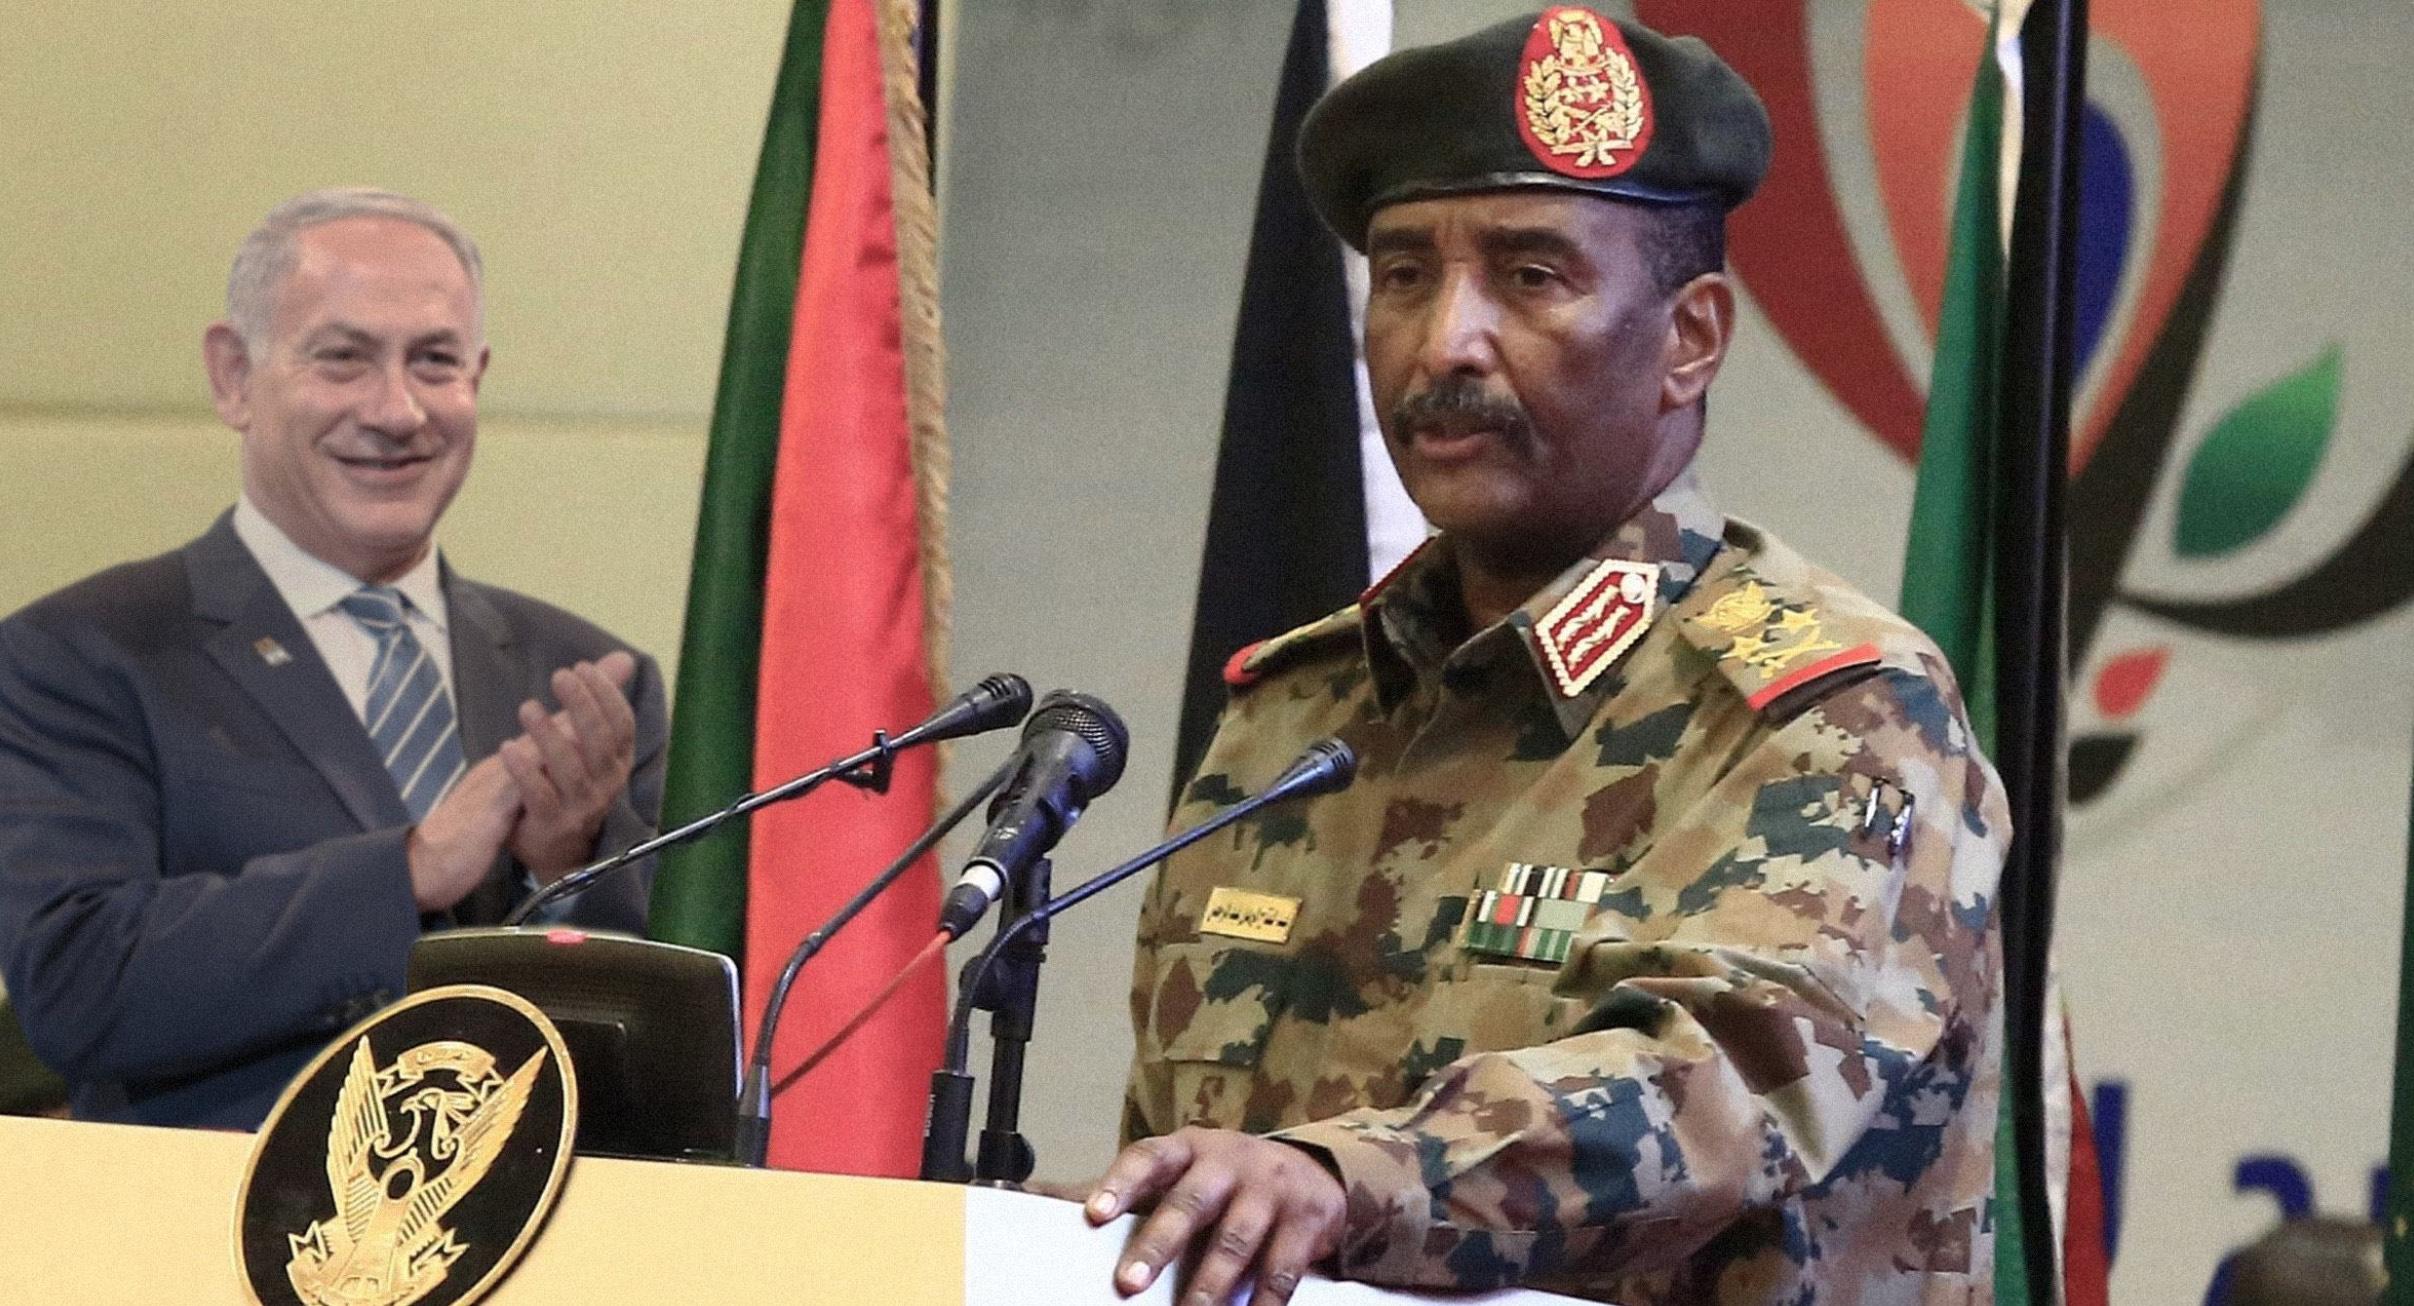 صورة السودان تعلن توبتها عن الإرهاب الإسلامي واستعدادها للعمل تحت إمرة الإرهاب الإسرائيلي